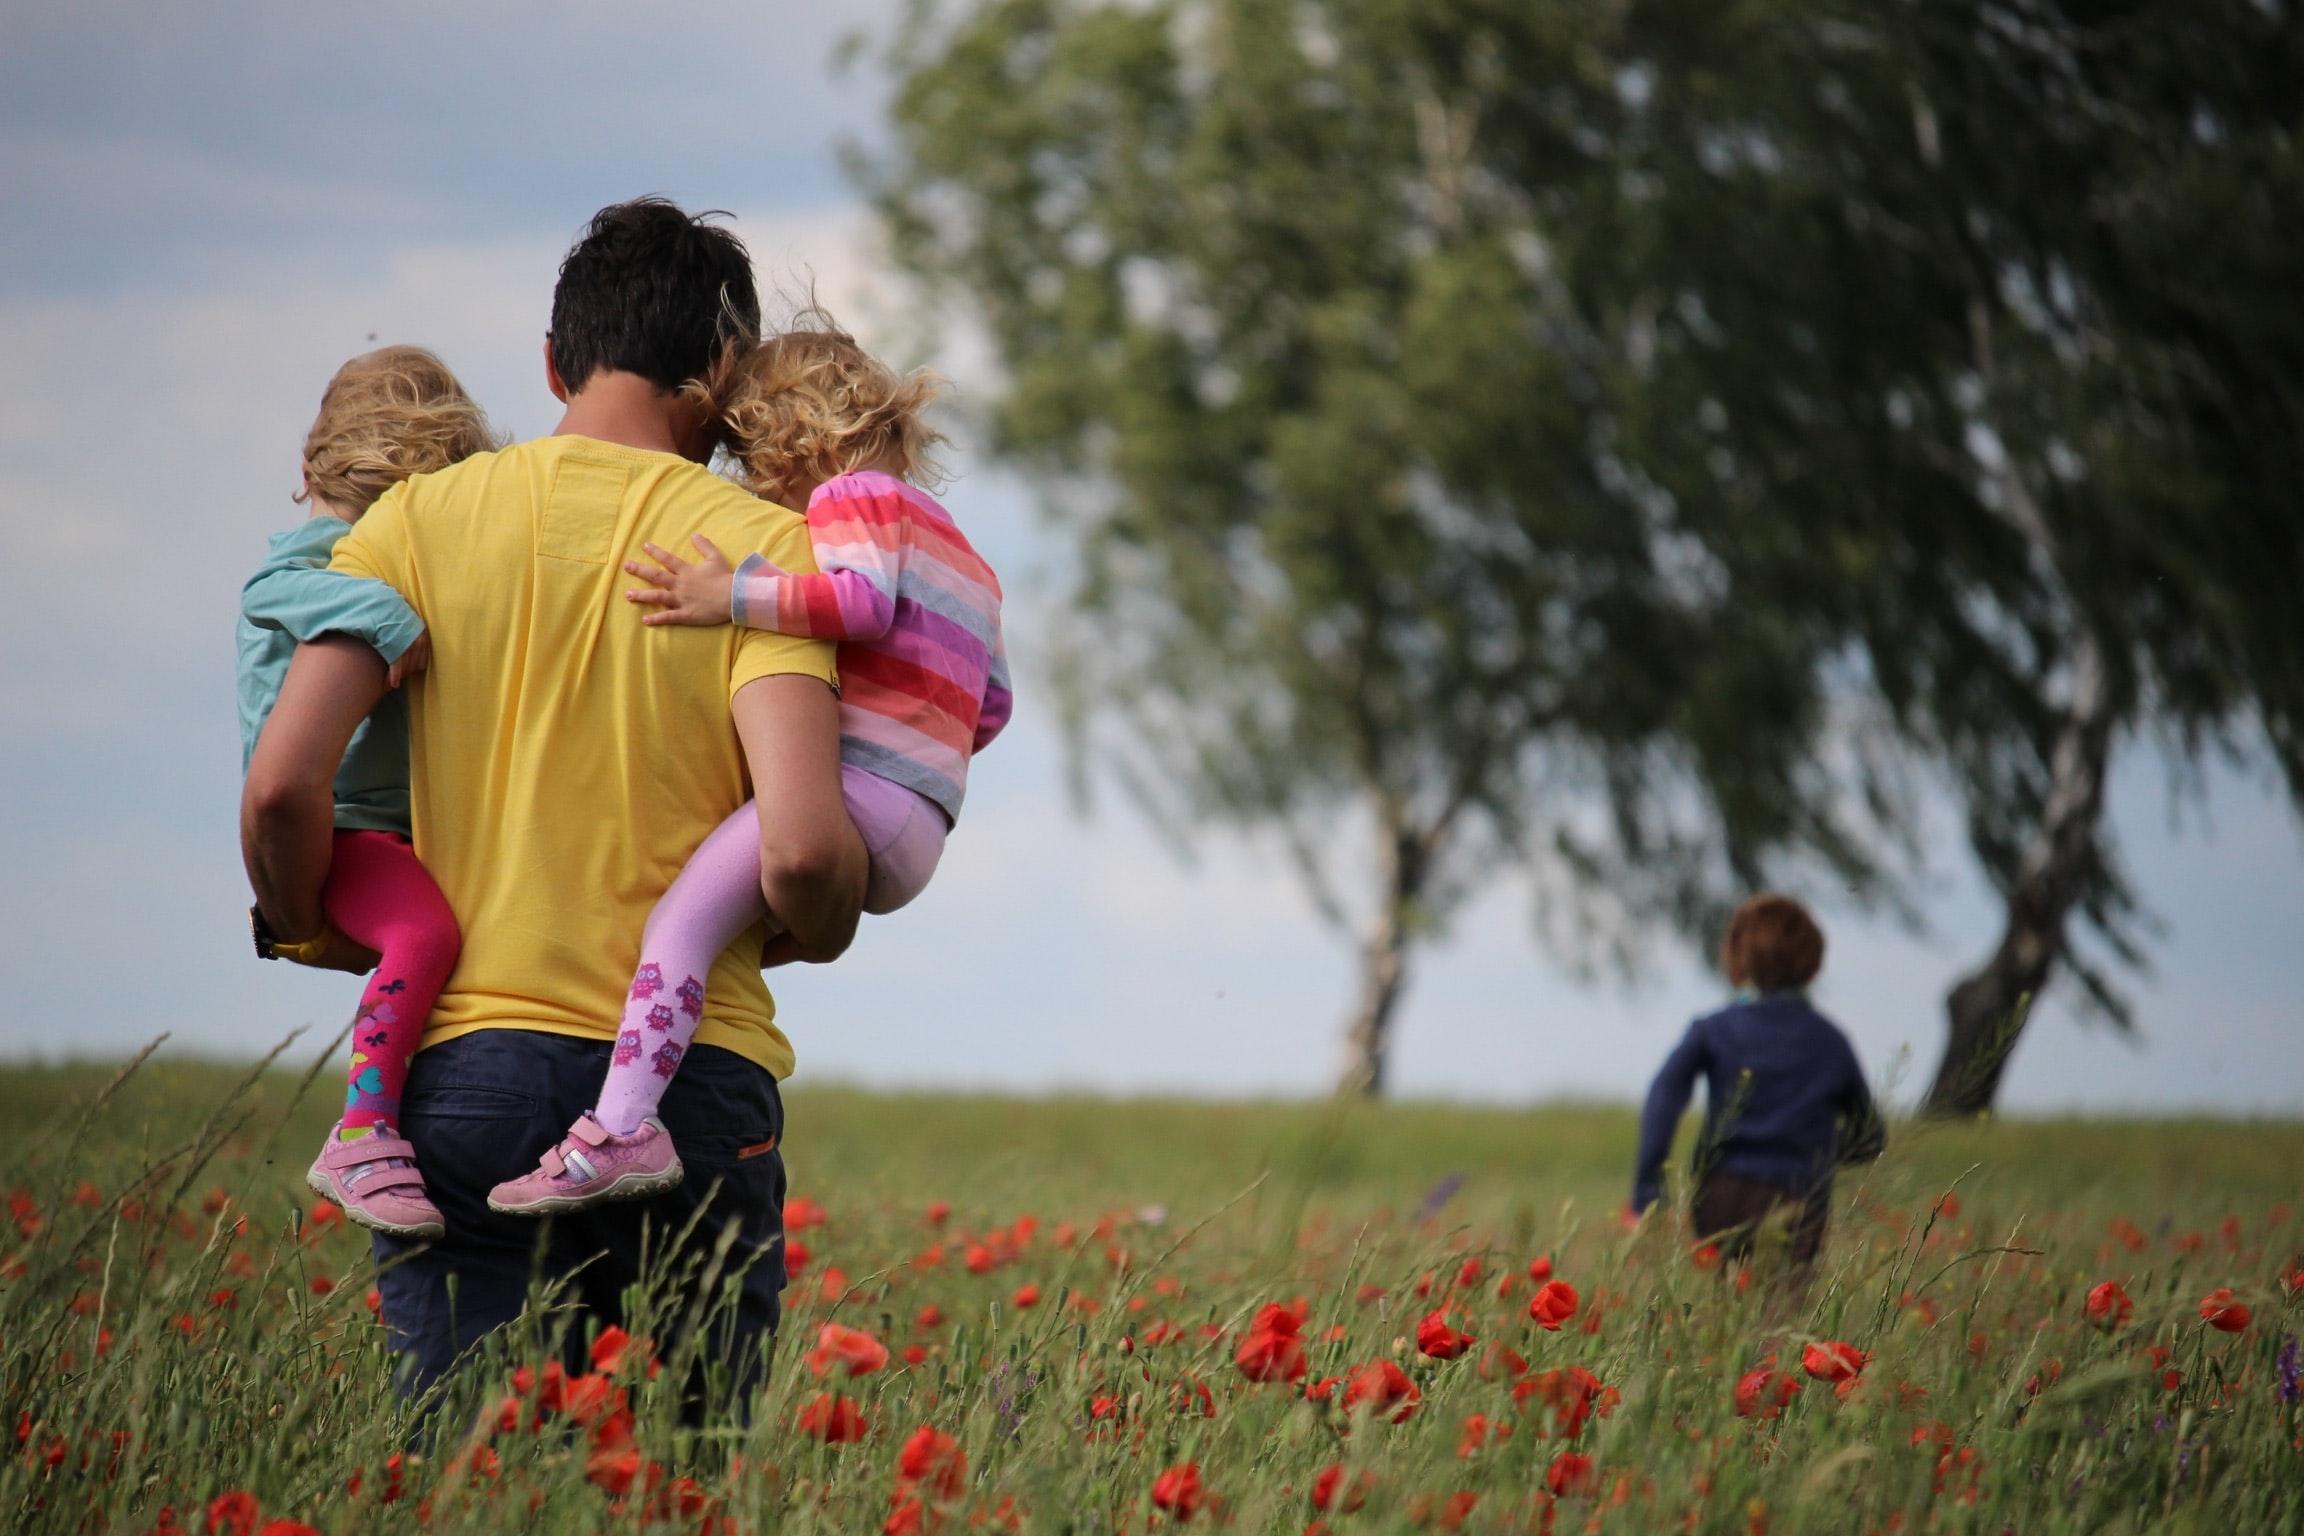 Deň rodiny 2021: Úloha mužov a otcov je nezastupiteľná